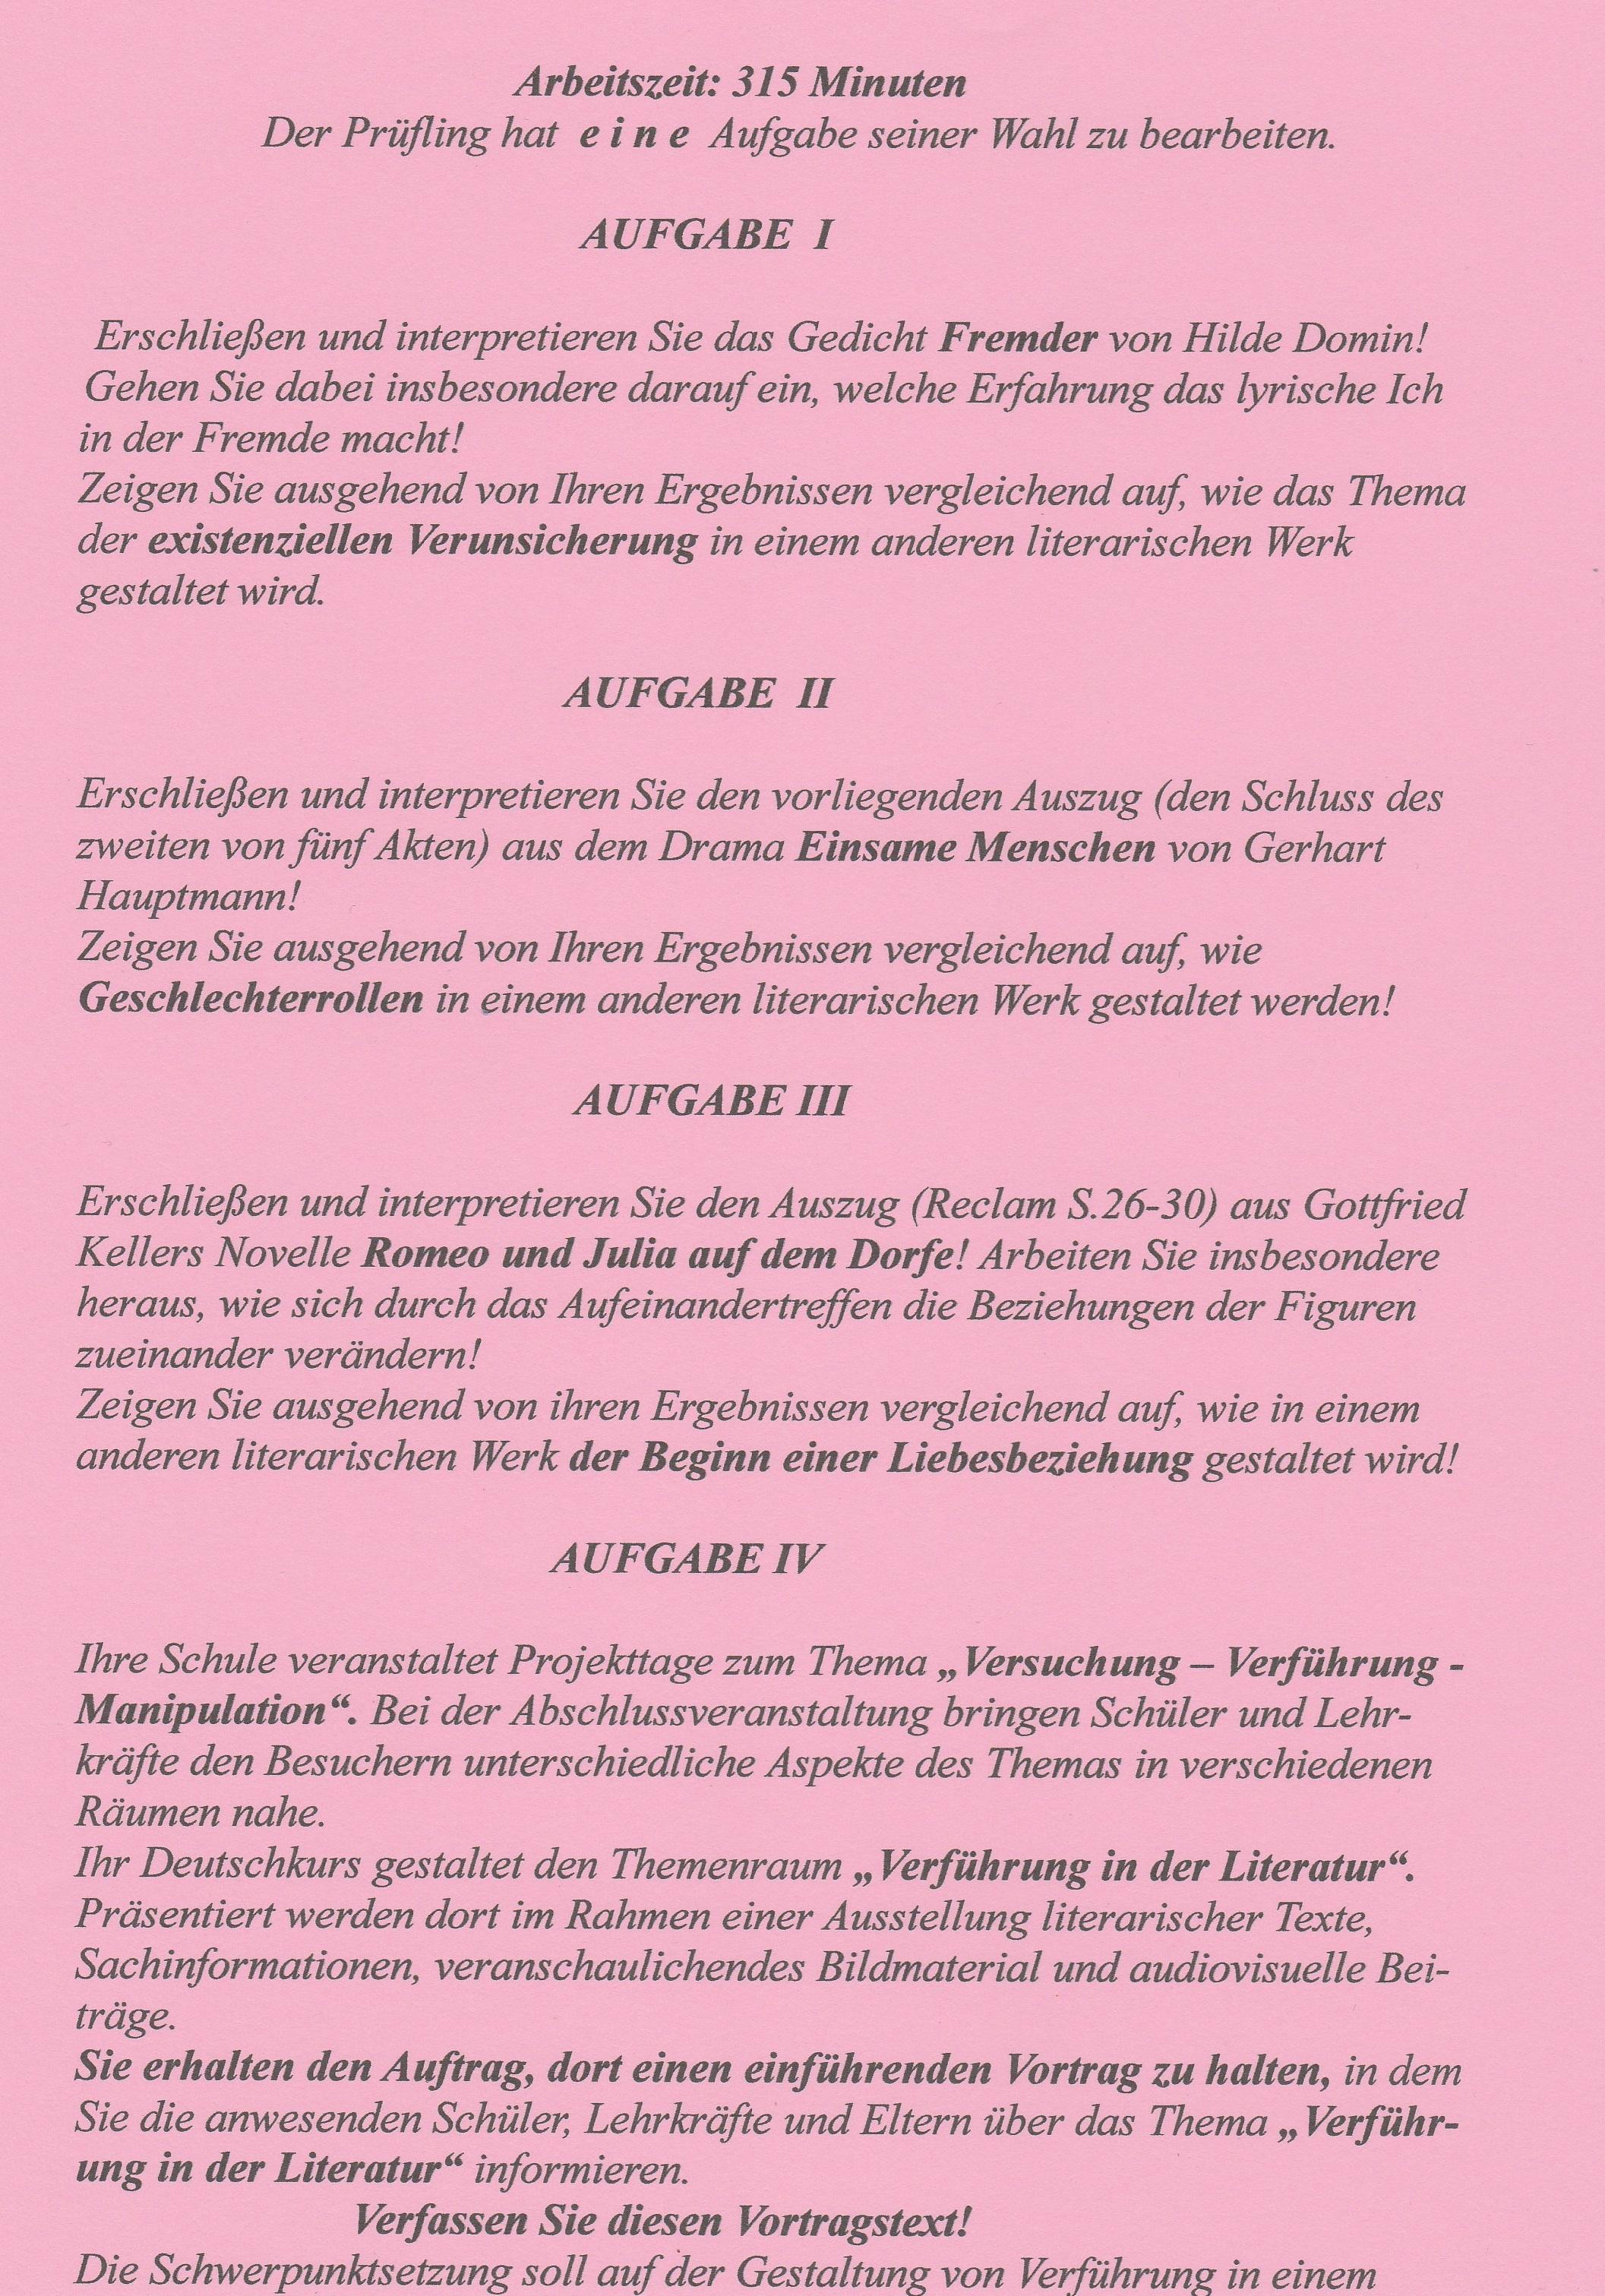 bayern abiturpr fung 2016 deutsch die aufgaben i ii iii iv v nick wimmer 39 s orbiter blog. Black Bedroom Furniture Sets. Home Design Ideas